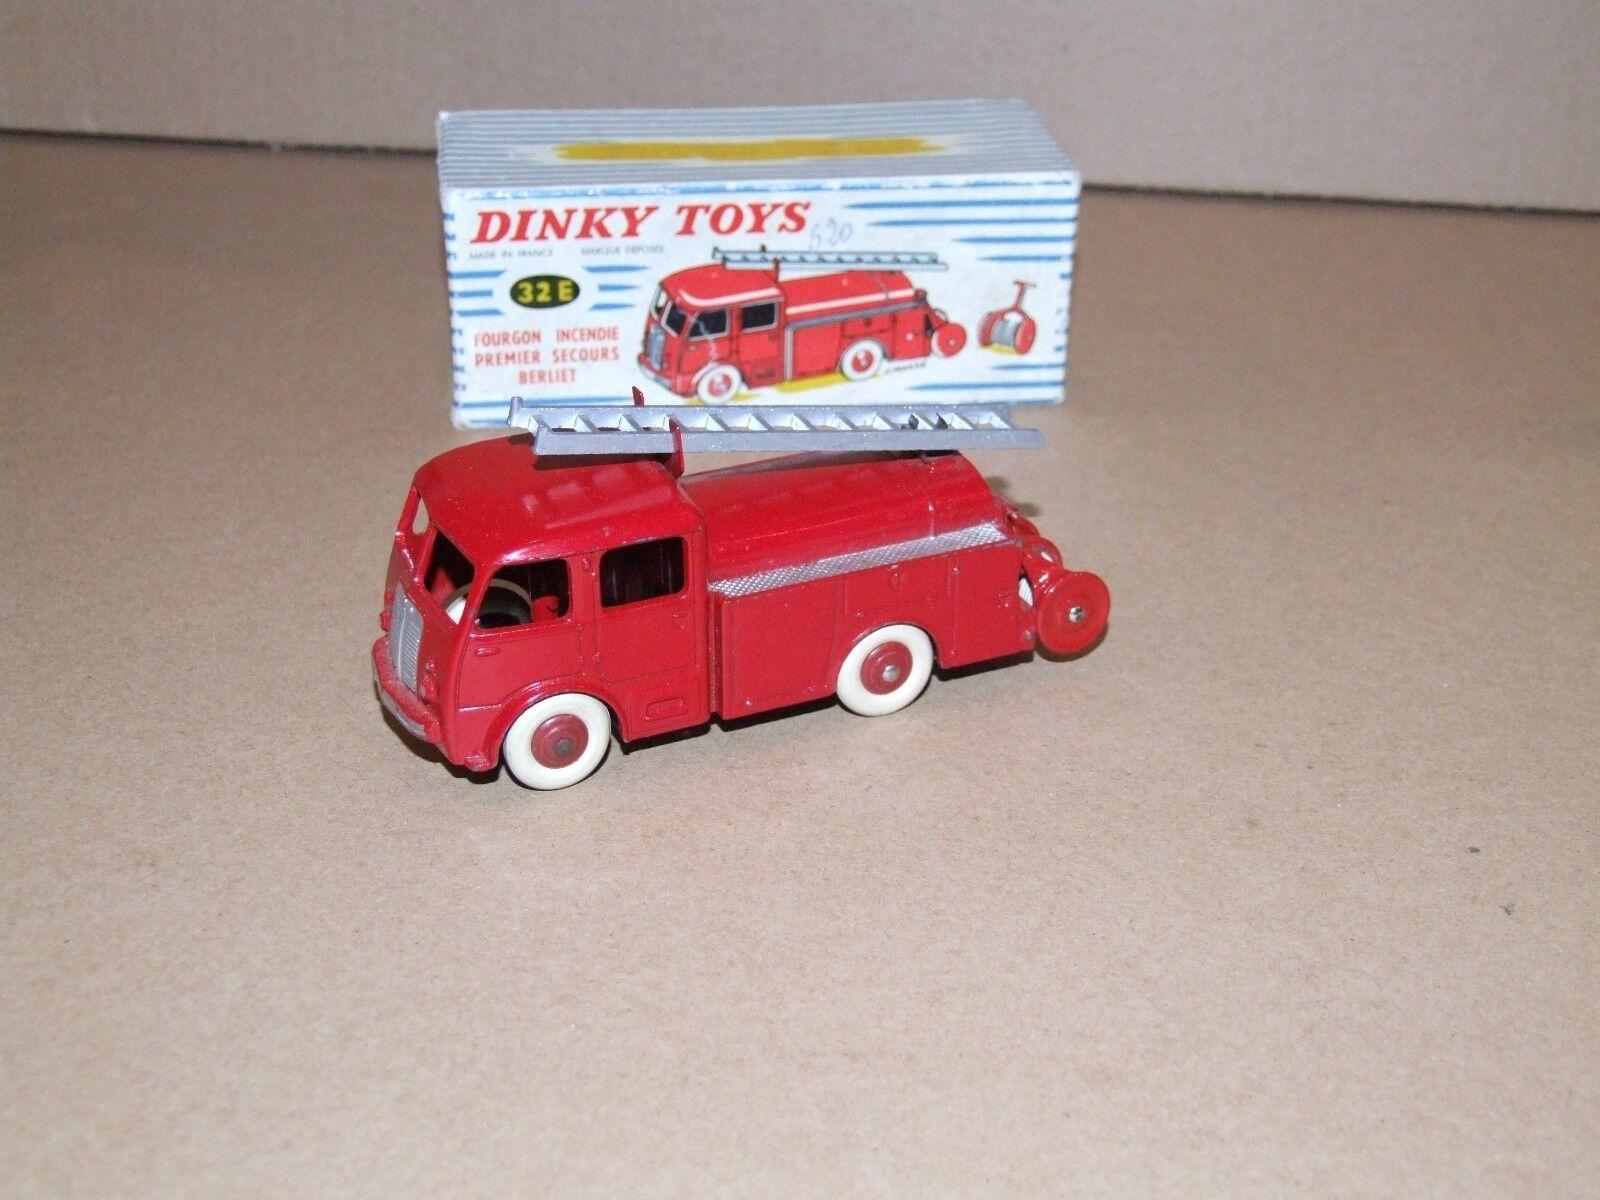 Francés Dinky 32e FOURGON incendio Premier Berliet primera respuesta Camión De Bomberos A +